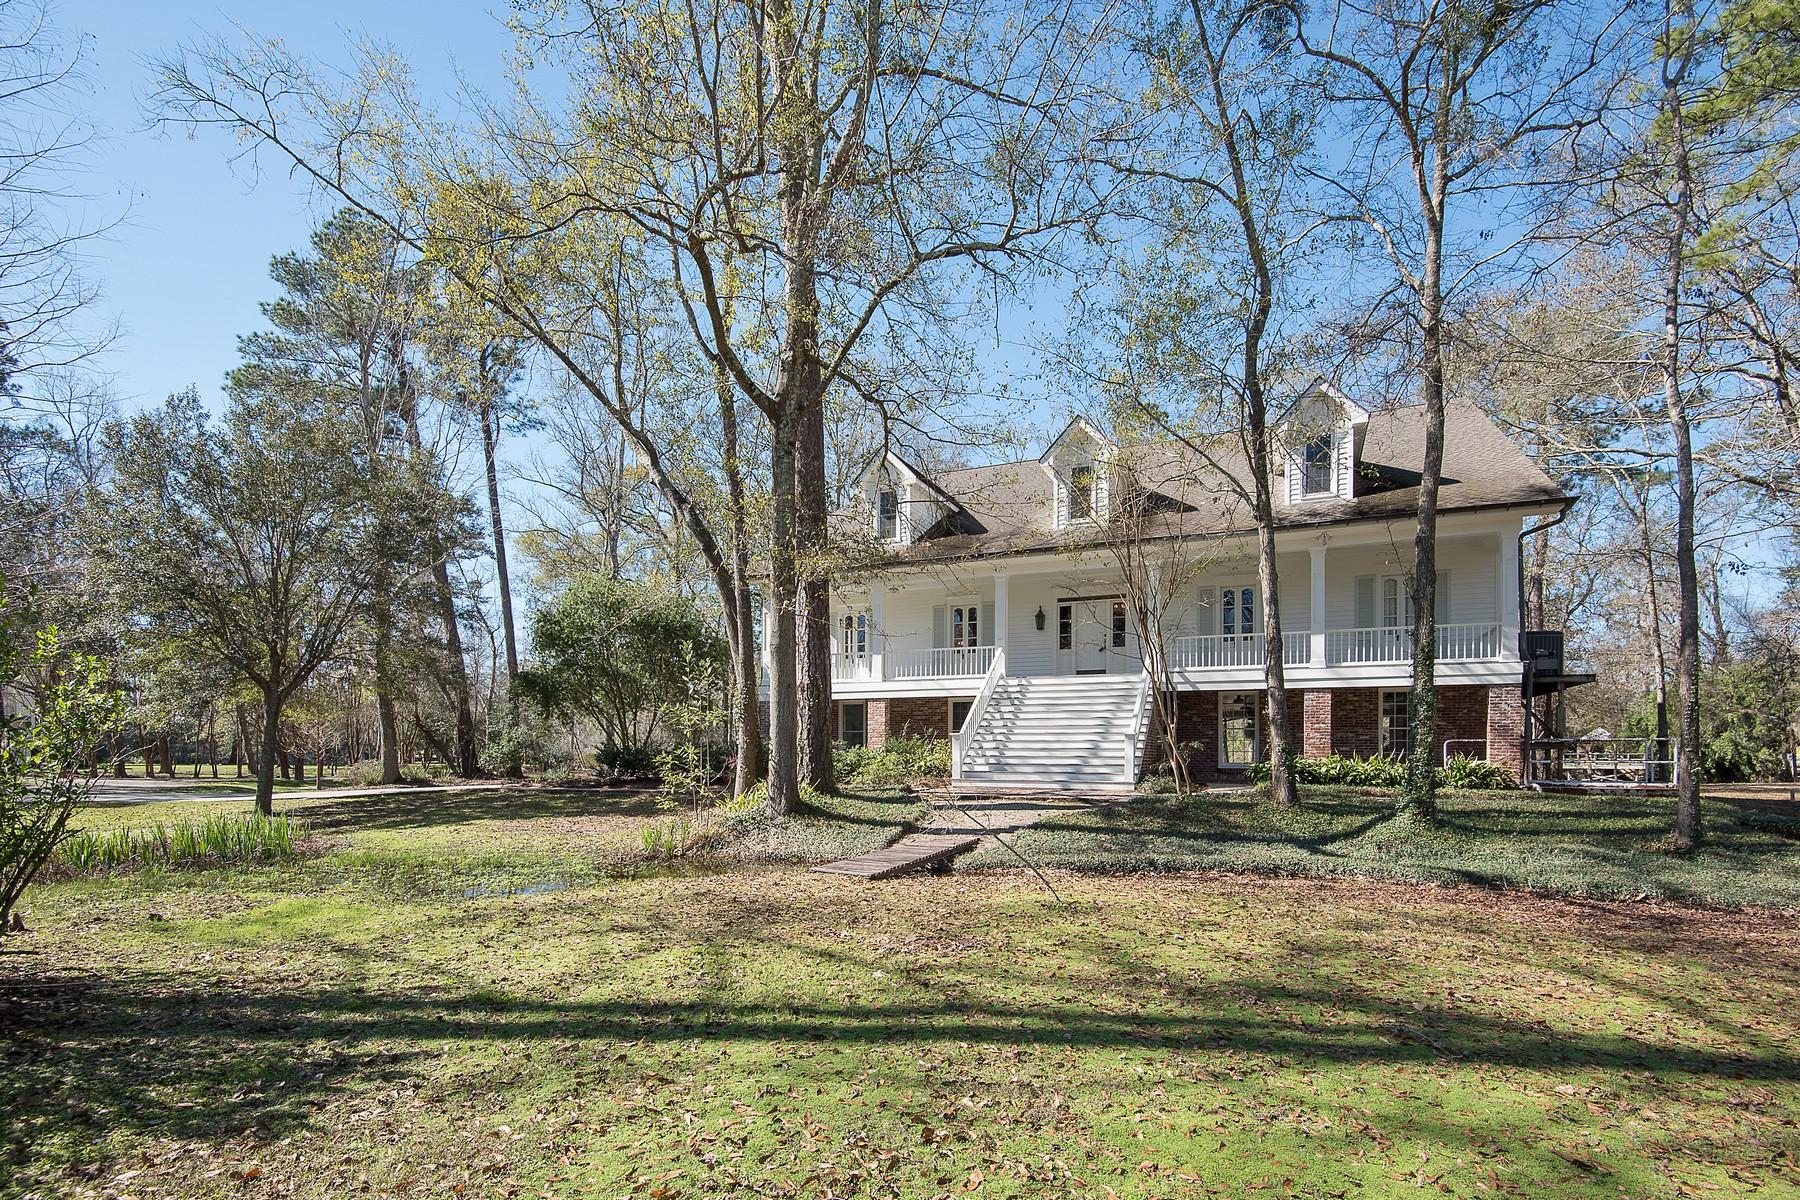 Villa per Vendita alle ore 108 Blackburn Place Covington, Louisiana, 70433 Stati Uniti